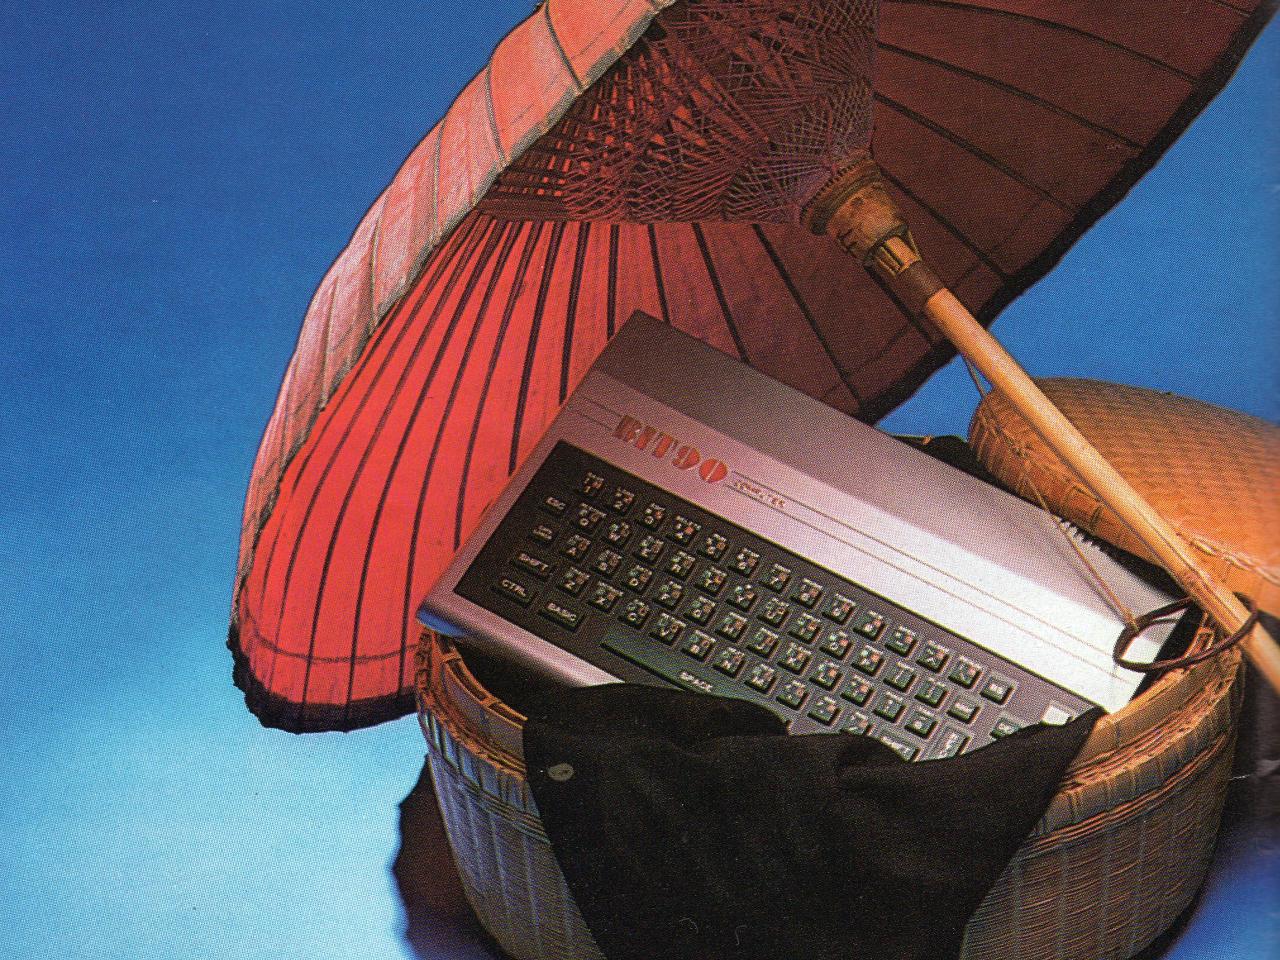 Der günstige Heimcomputer BIT 90 konnte sogar Atari-Spiele wiedergeben. (Bild: Vogel-Verlag)